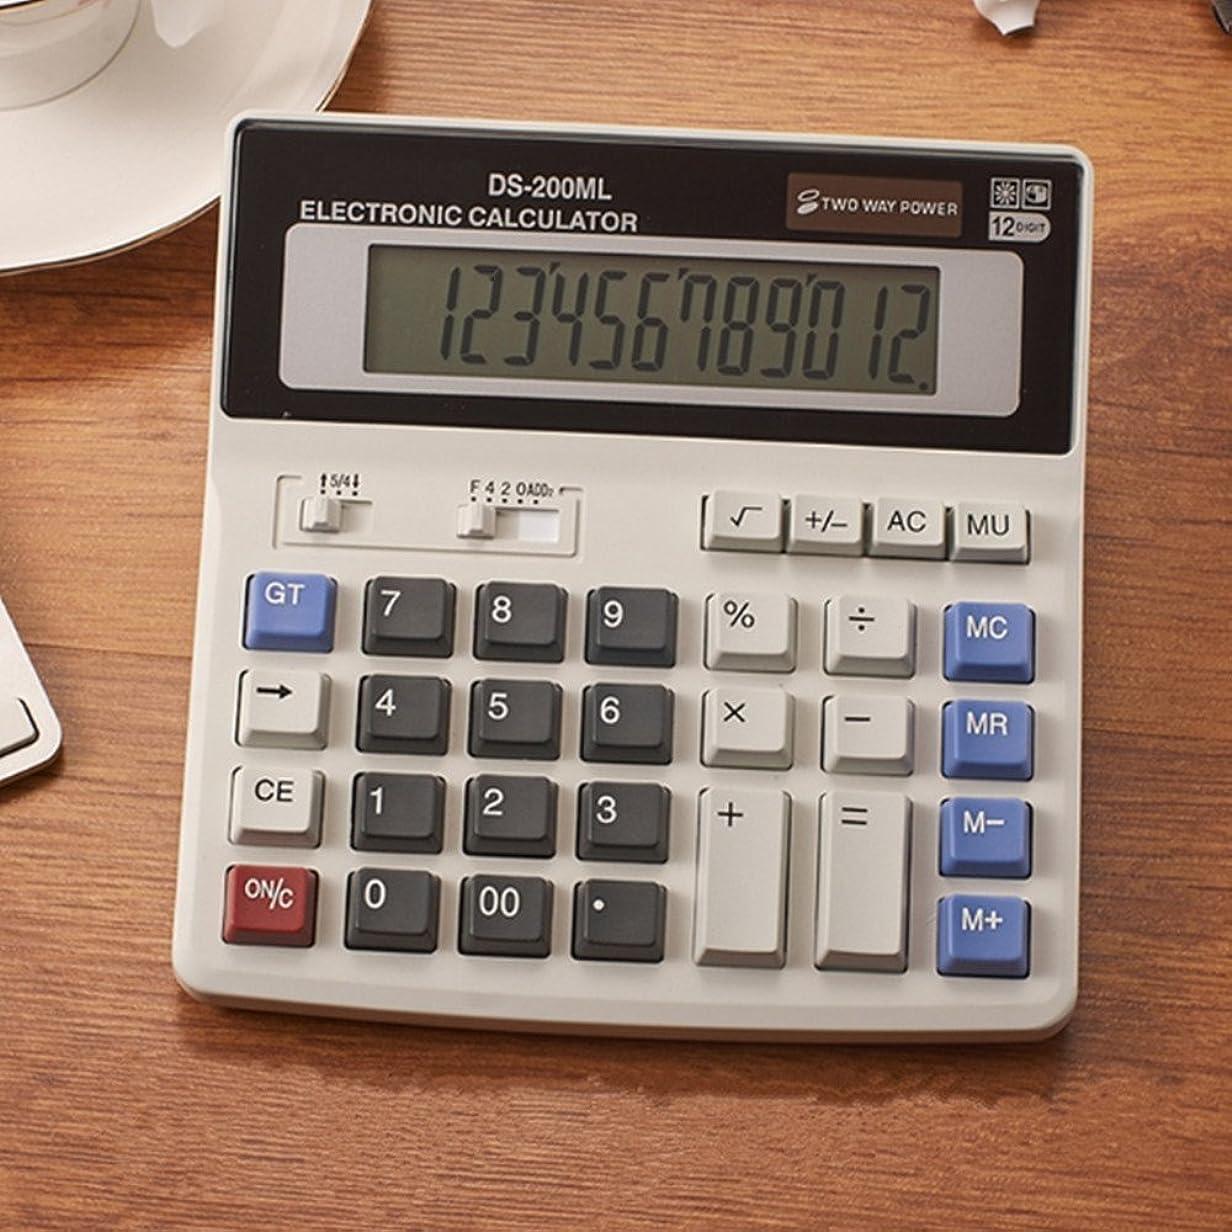 費やす競争征服12桁電子計算機、デスクトップ電卓、標準関数電卓、計算機、電子デスクトップ電卓、金融電卓ビジネスオフィス電卓大型LCD表示